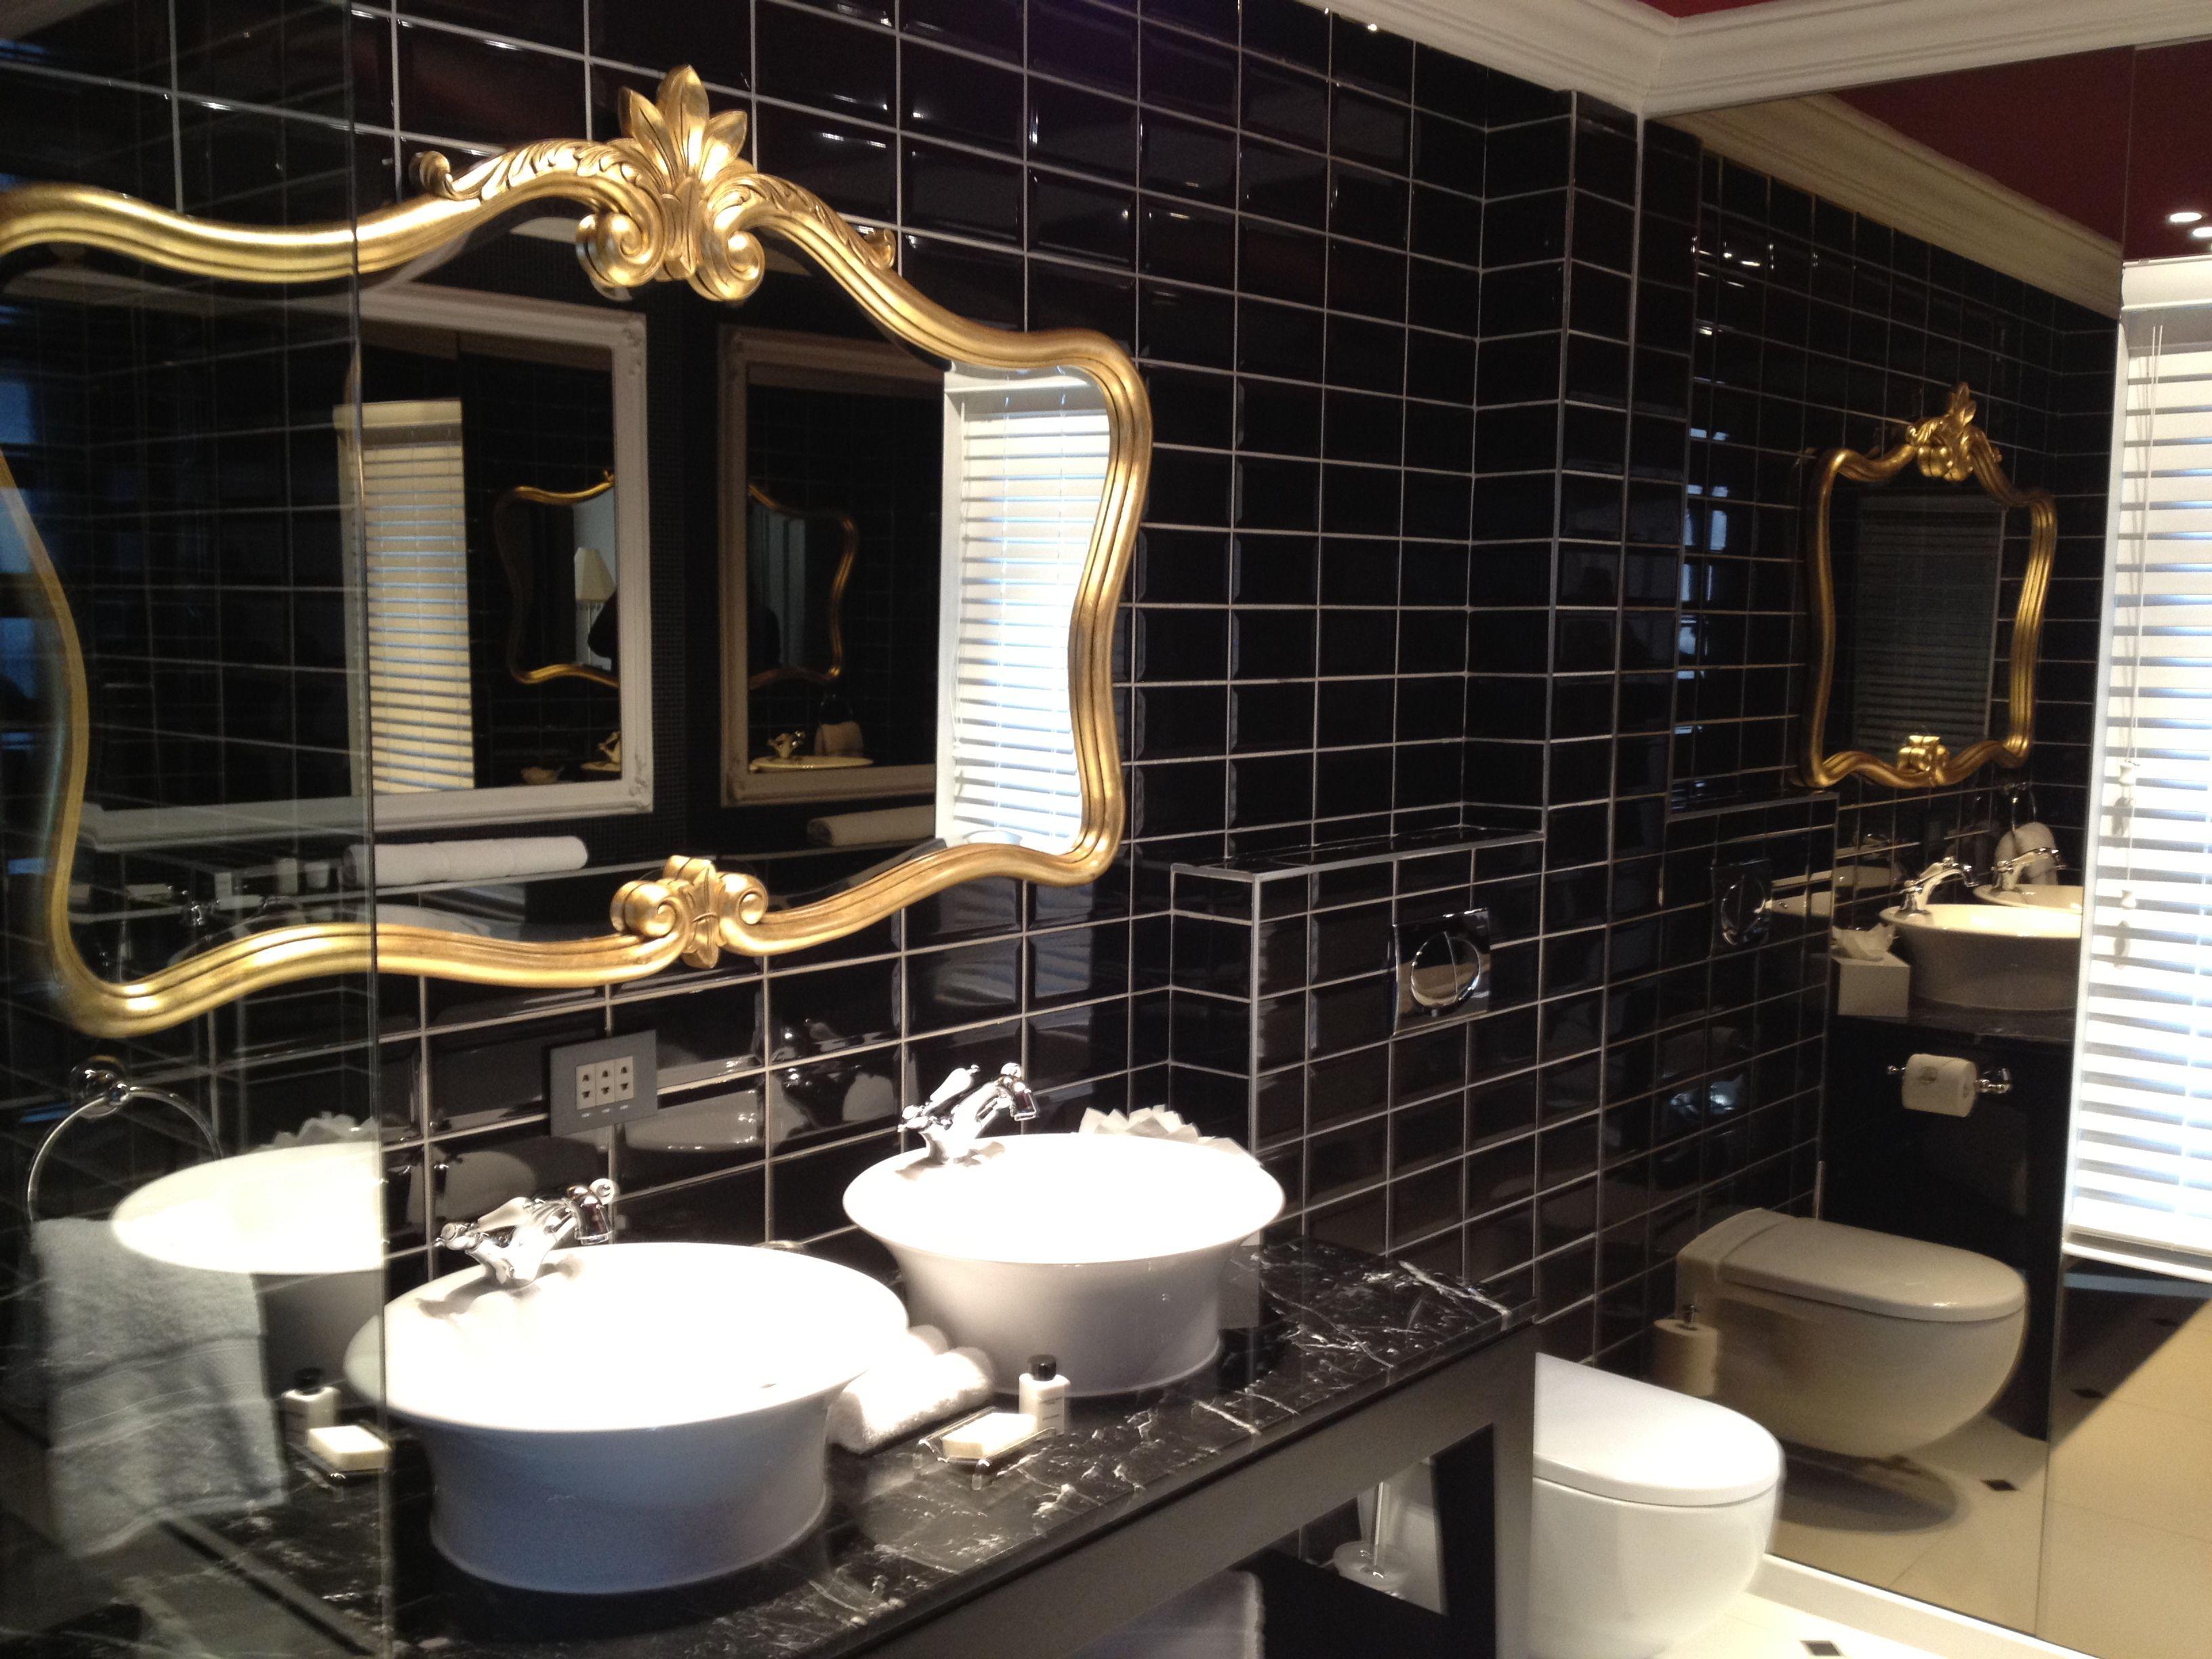 Nightclub Bathrooms Google Search Gold Bathroom Decor